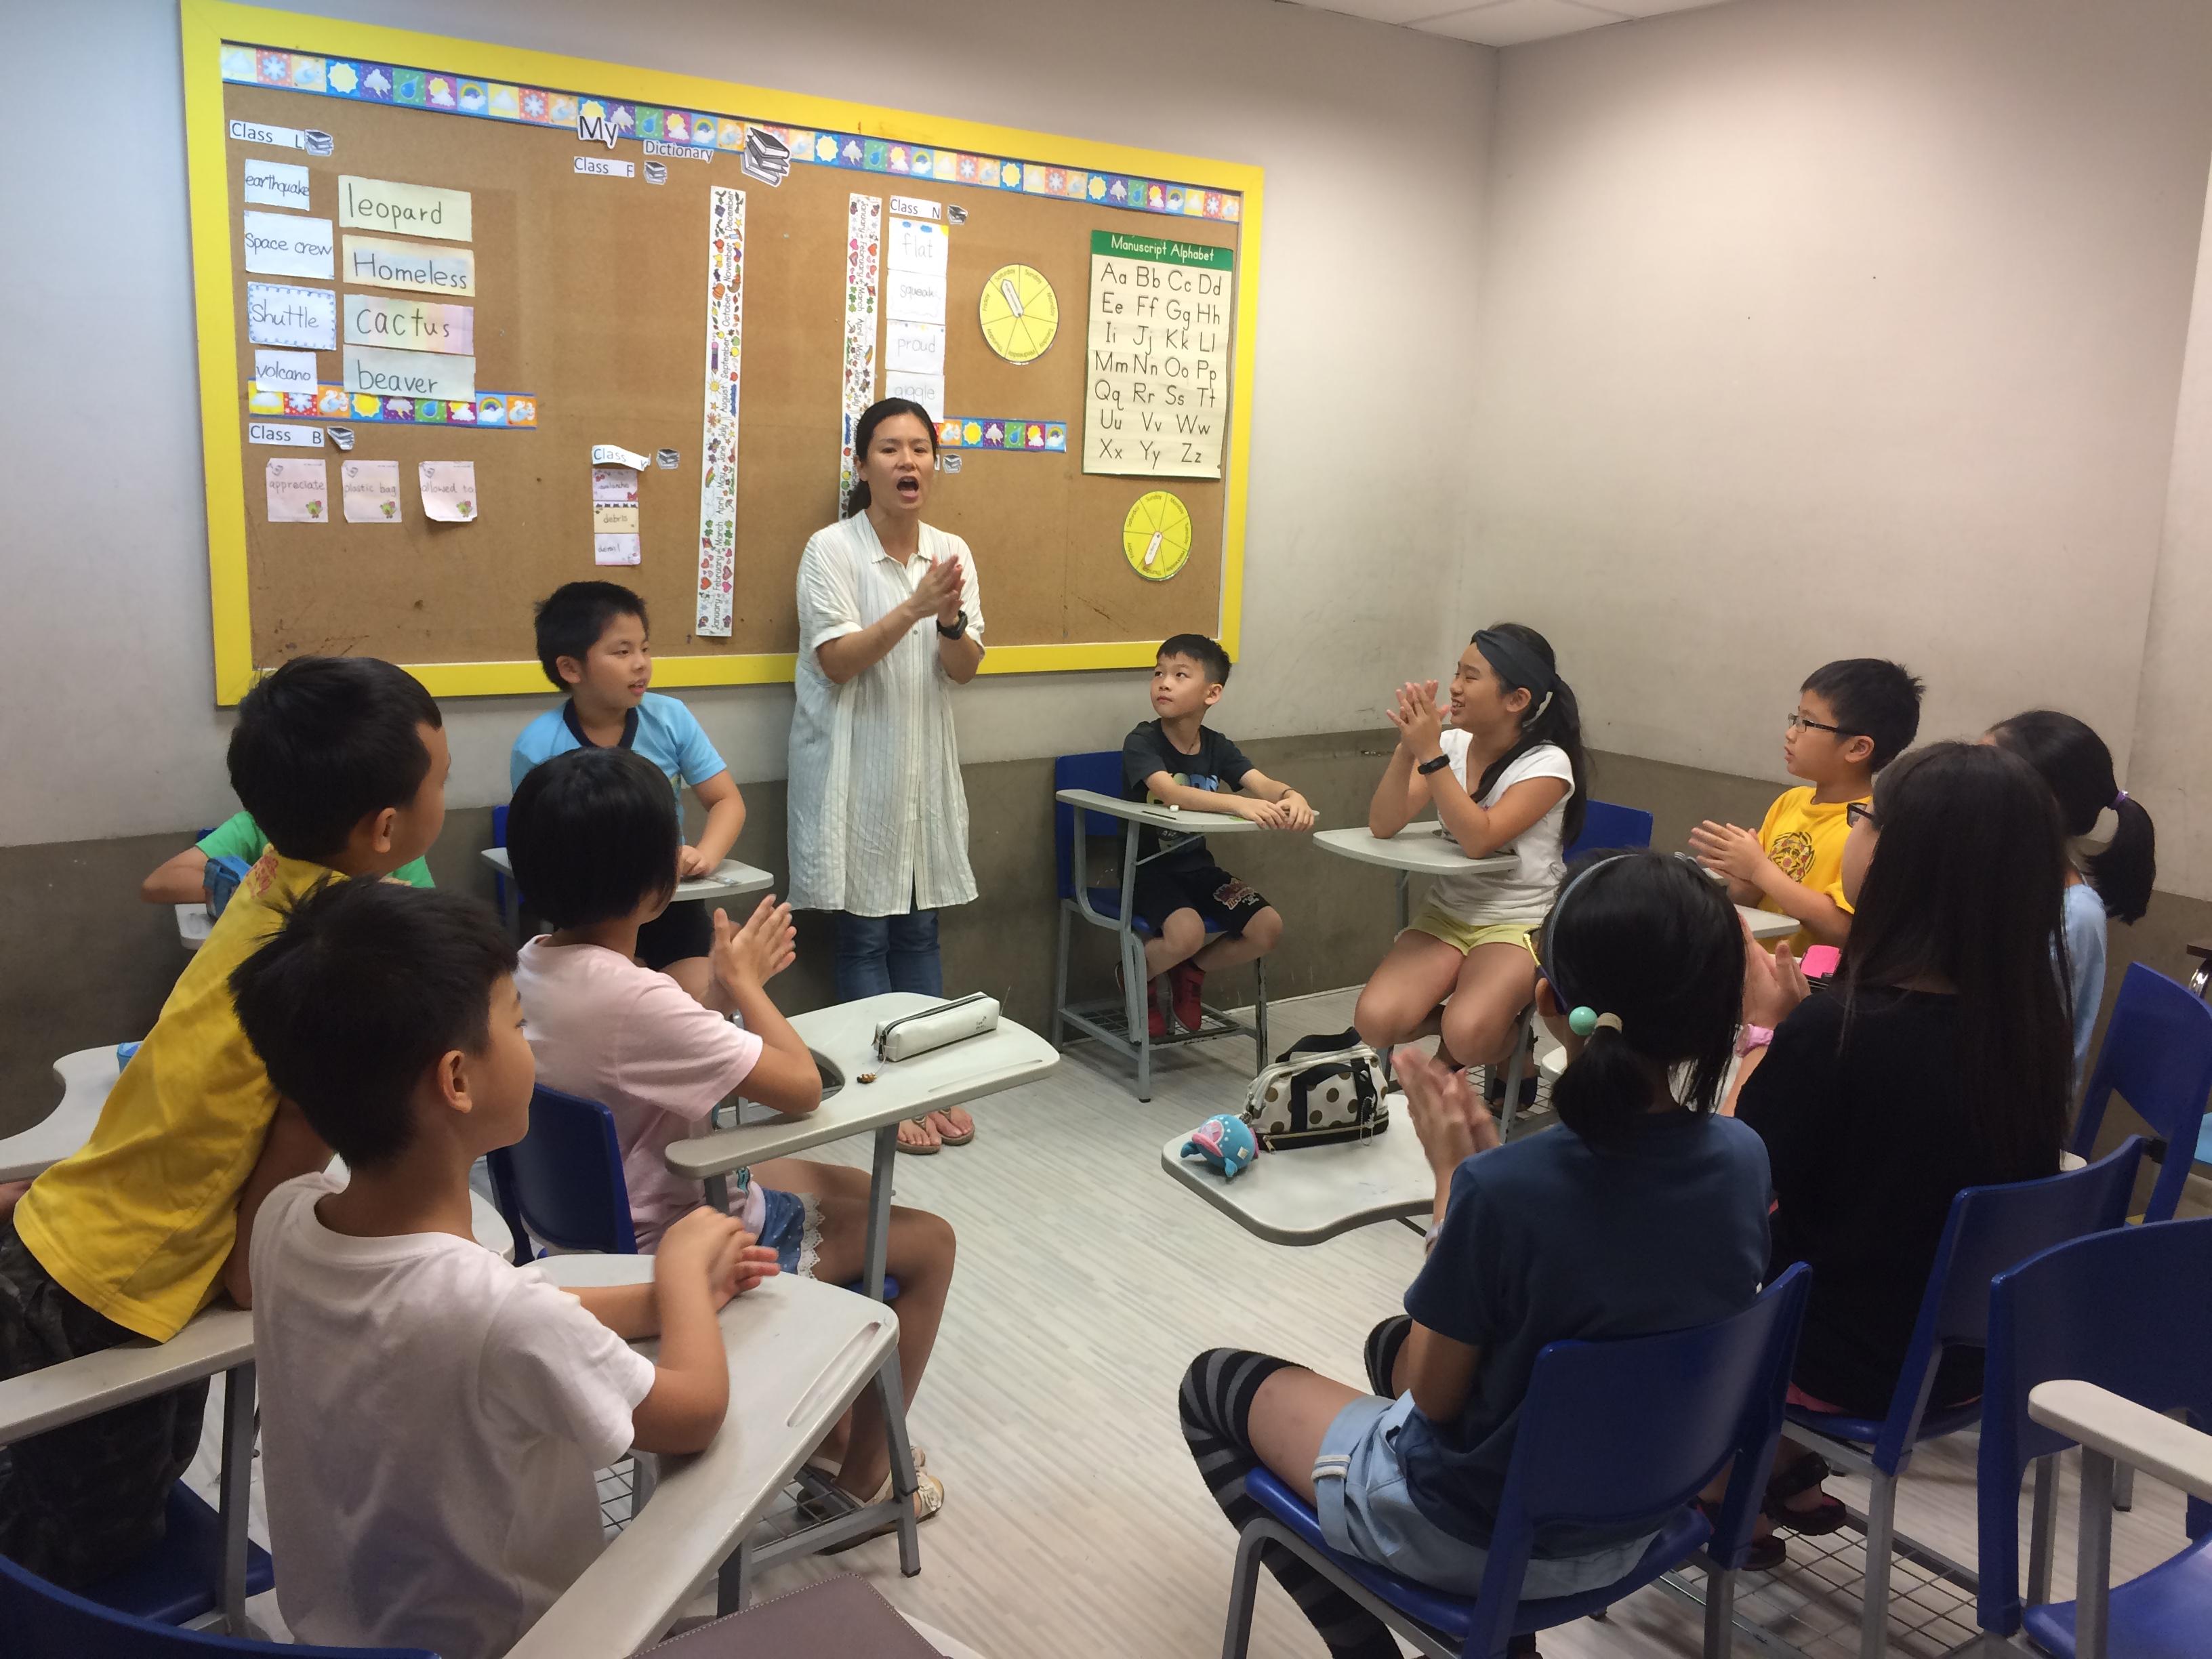 個人特色 + 教學管理 = 創造高效能的英語課程